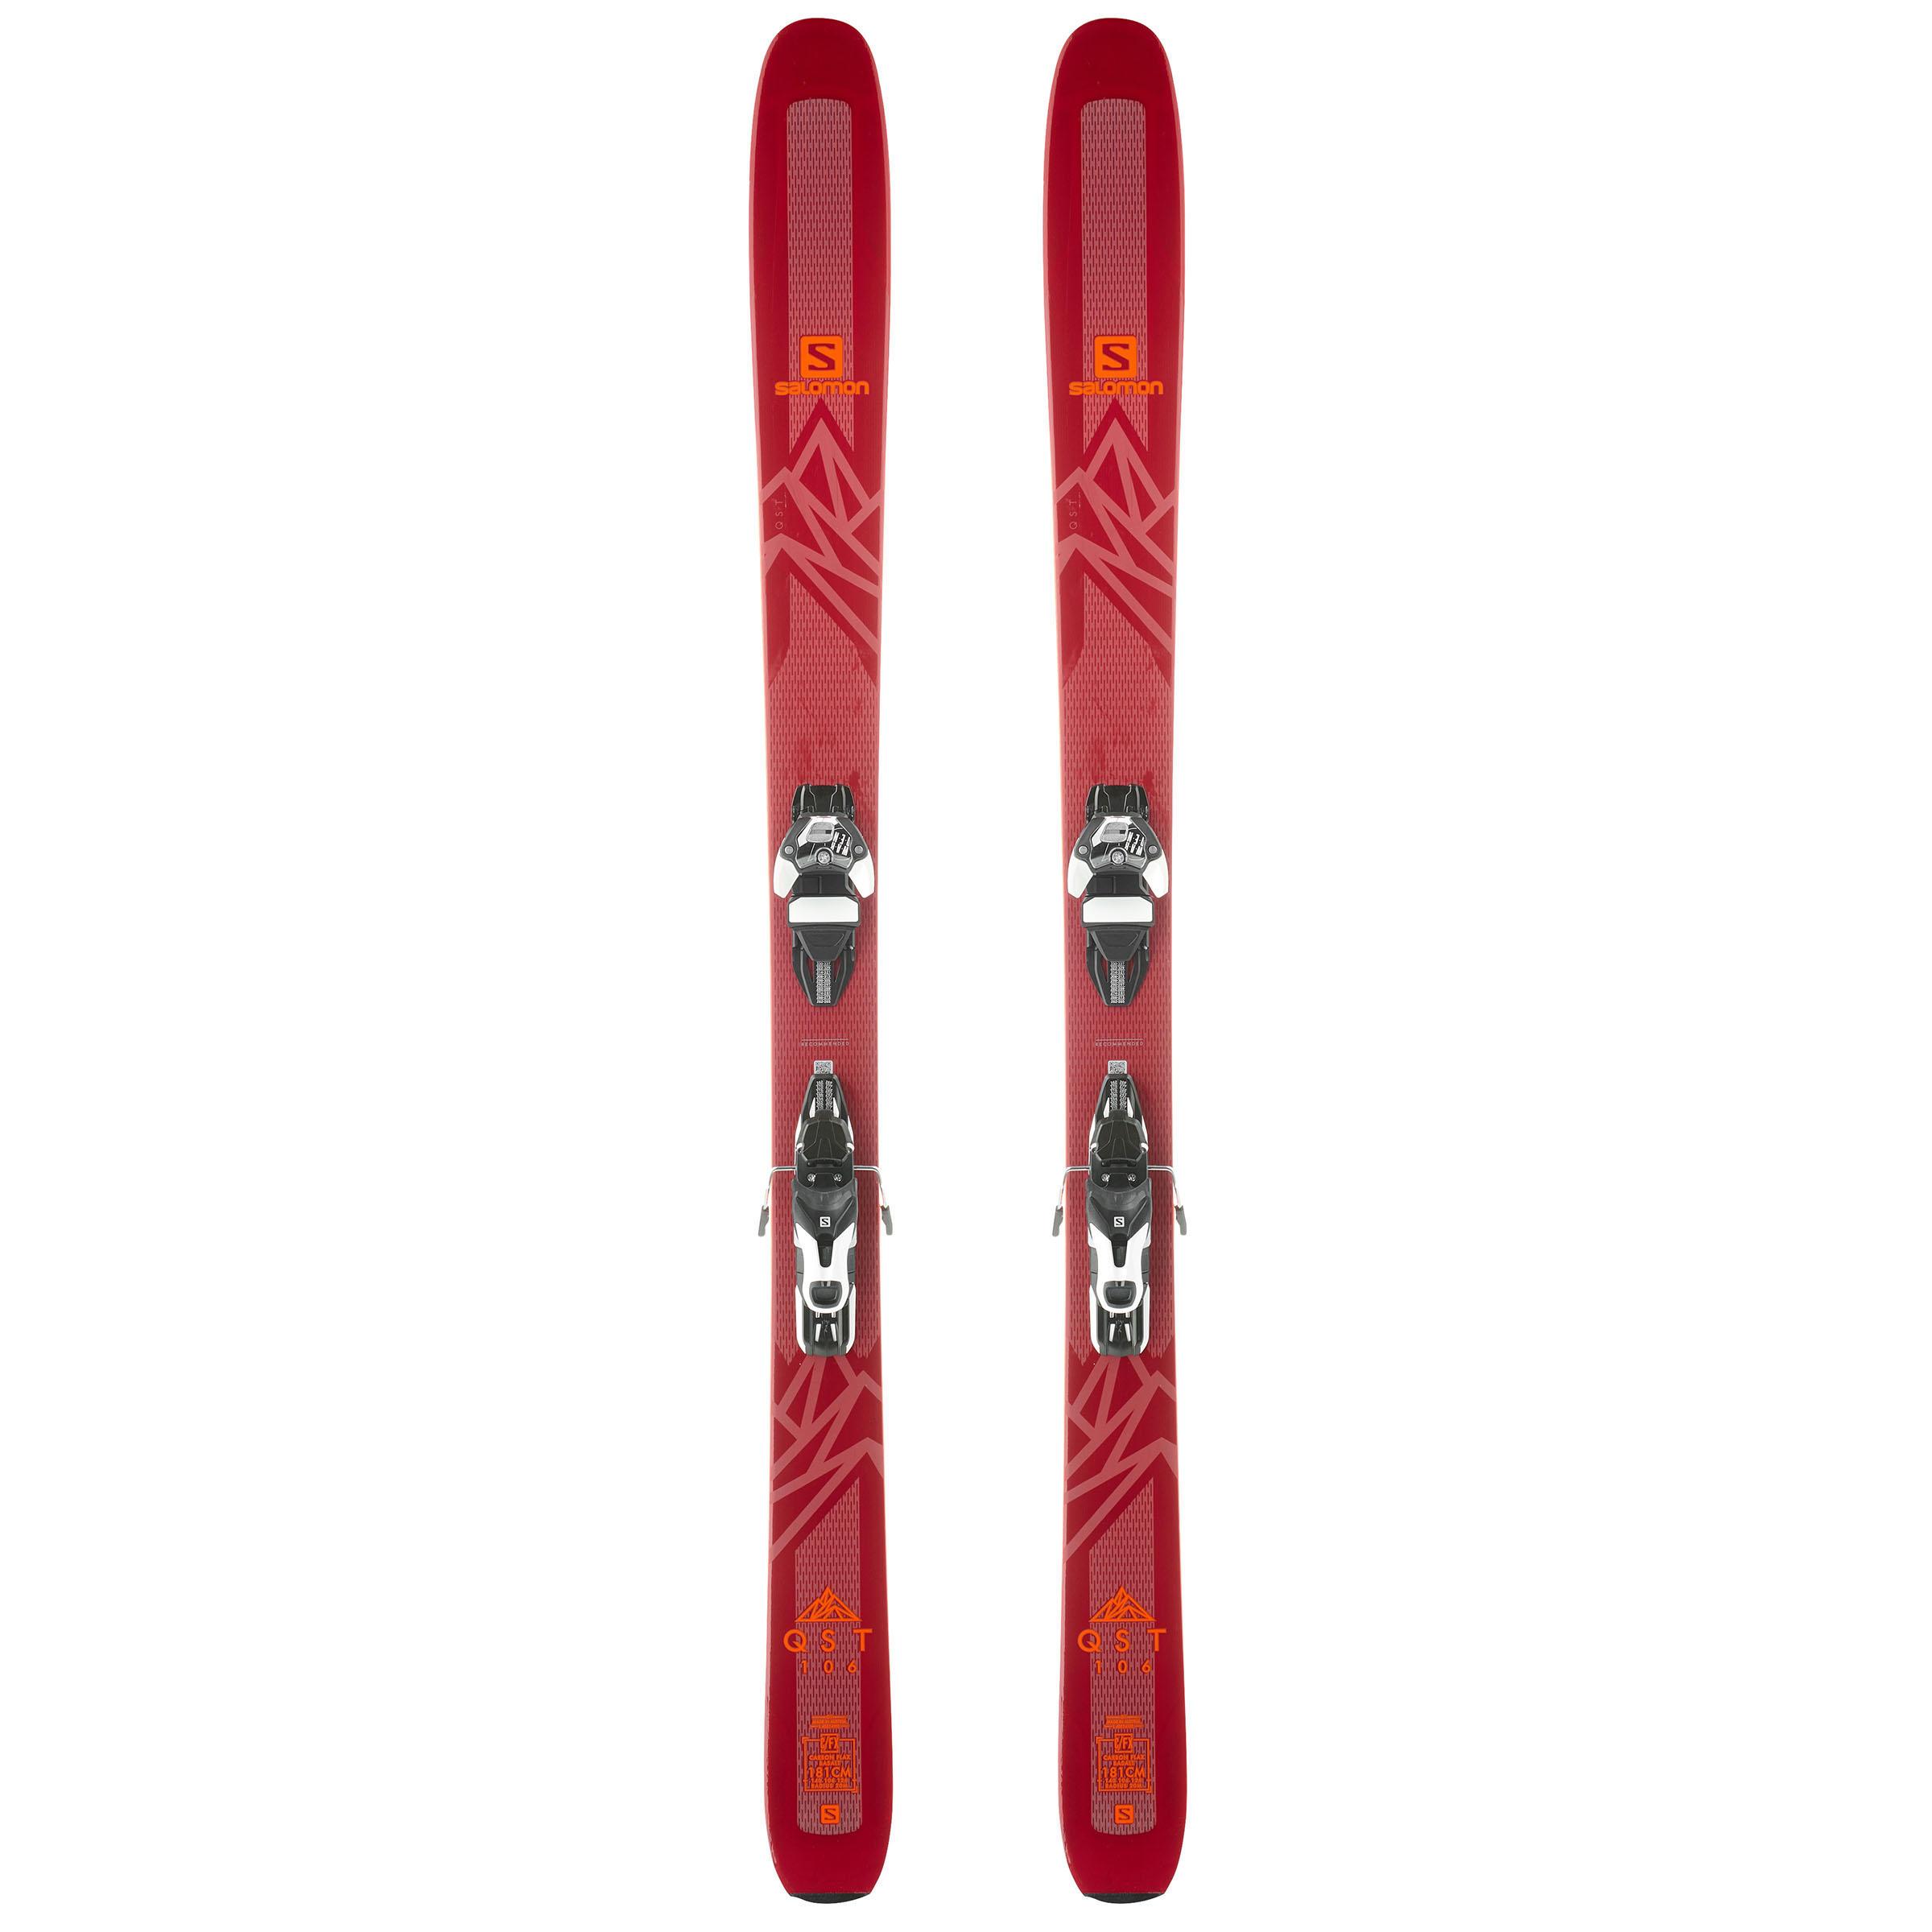 Damen,Herren Ski-Set Freeride QST 106 Warden 11 bordeaux   00889645865980